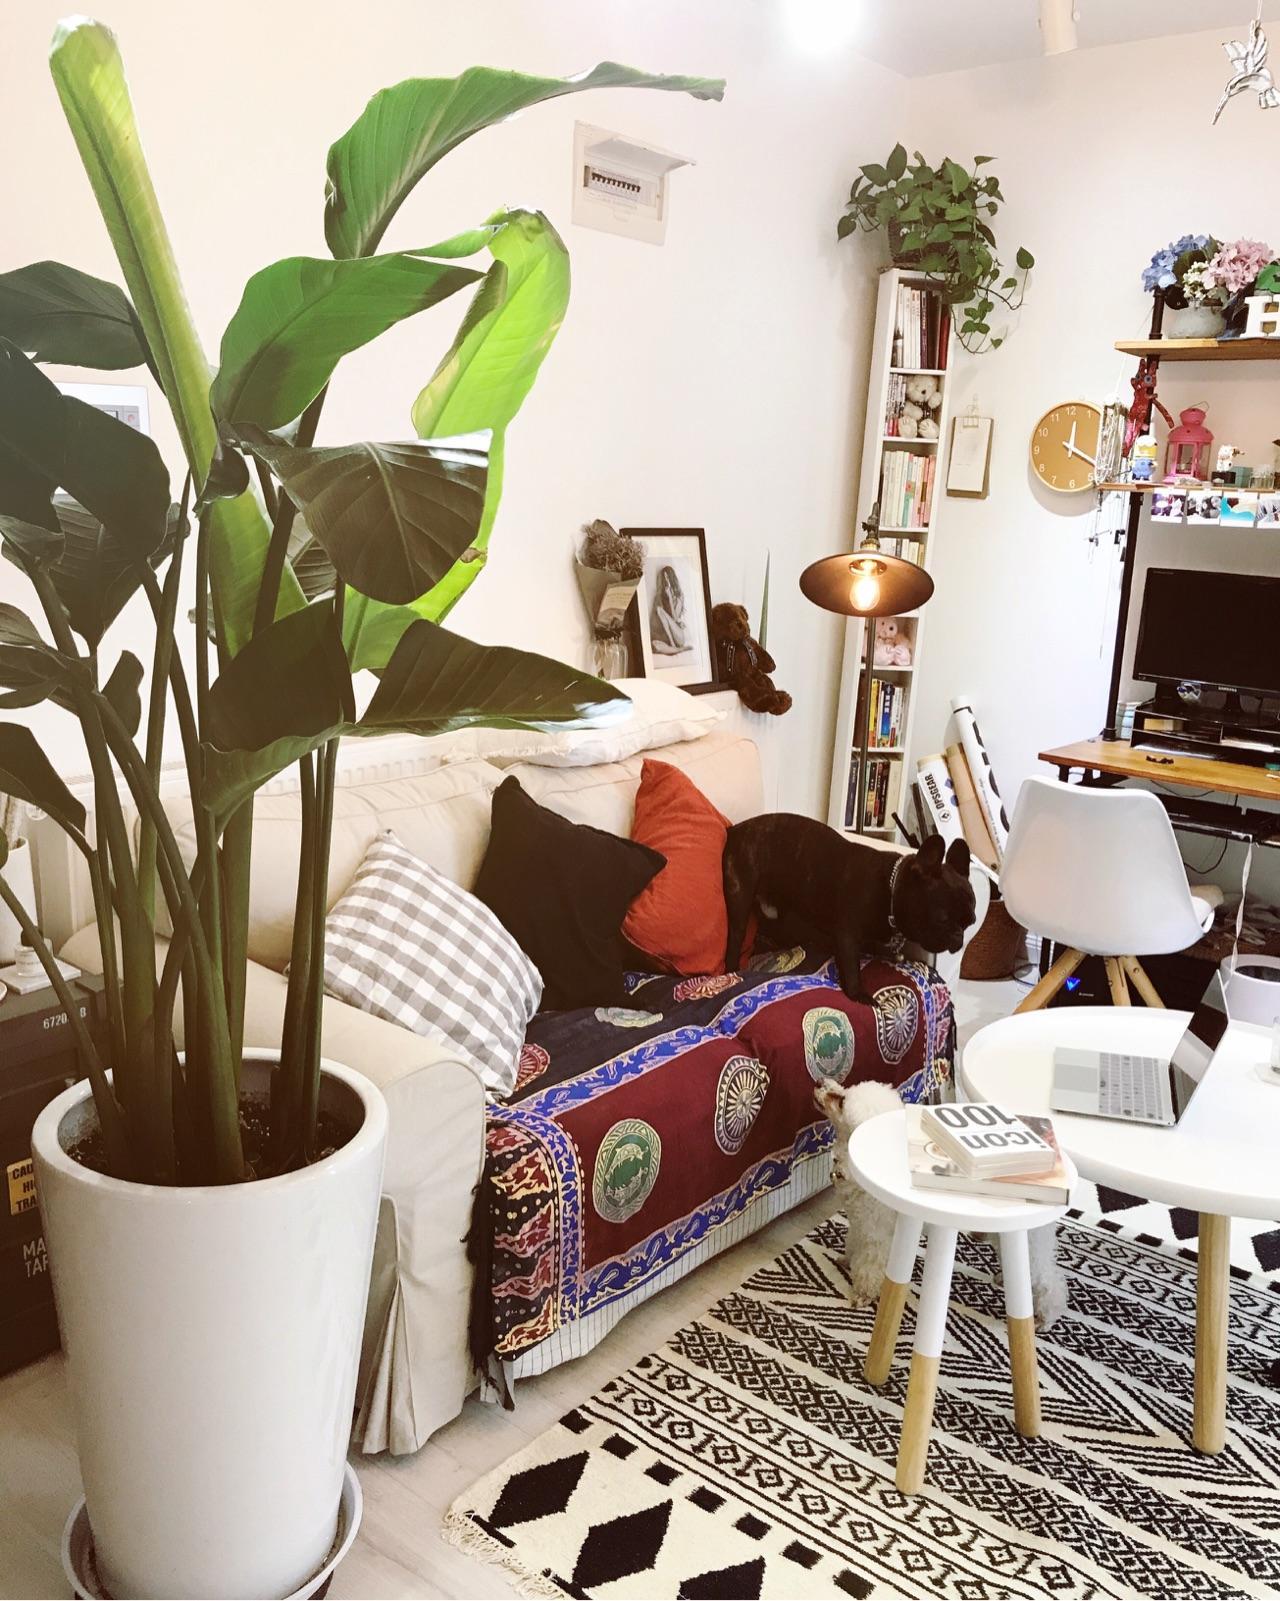 宜家沙发_怎样把家布置得温馨? - 知乎